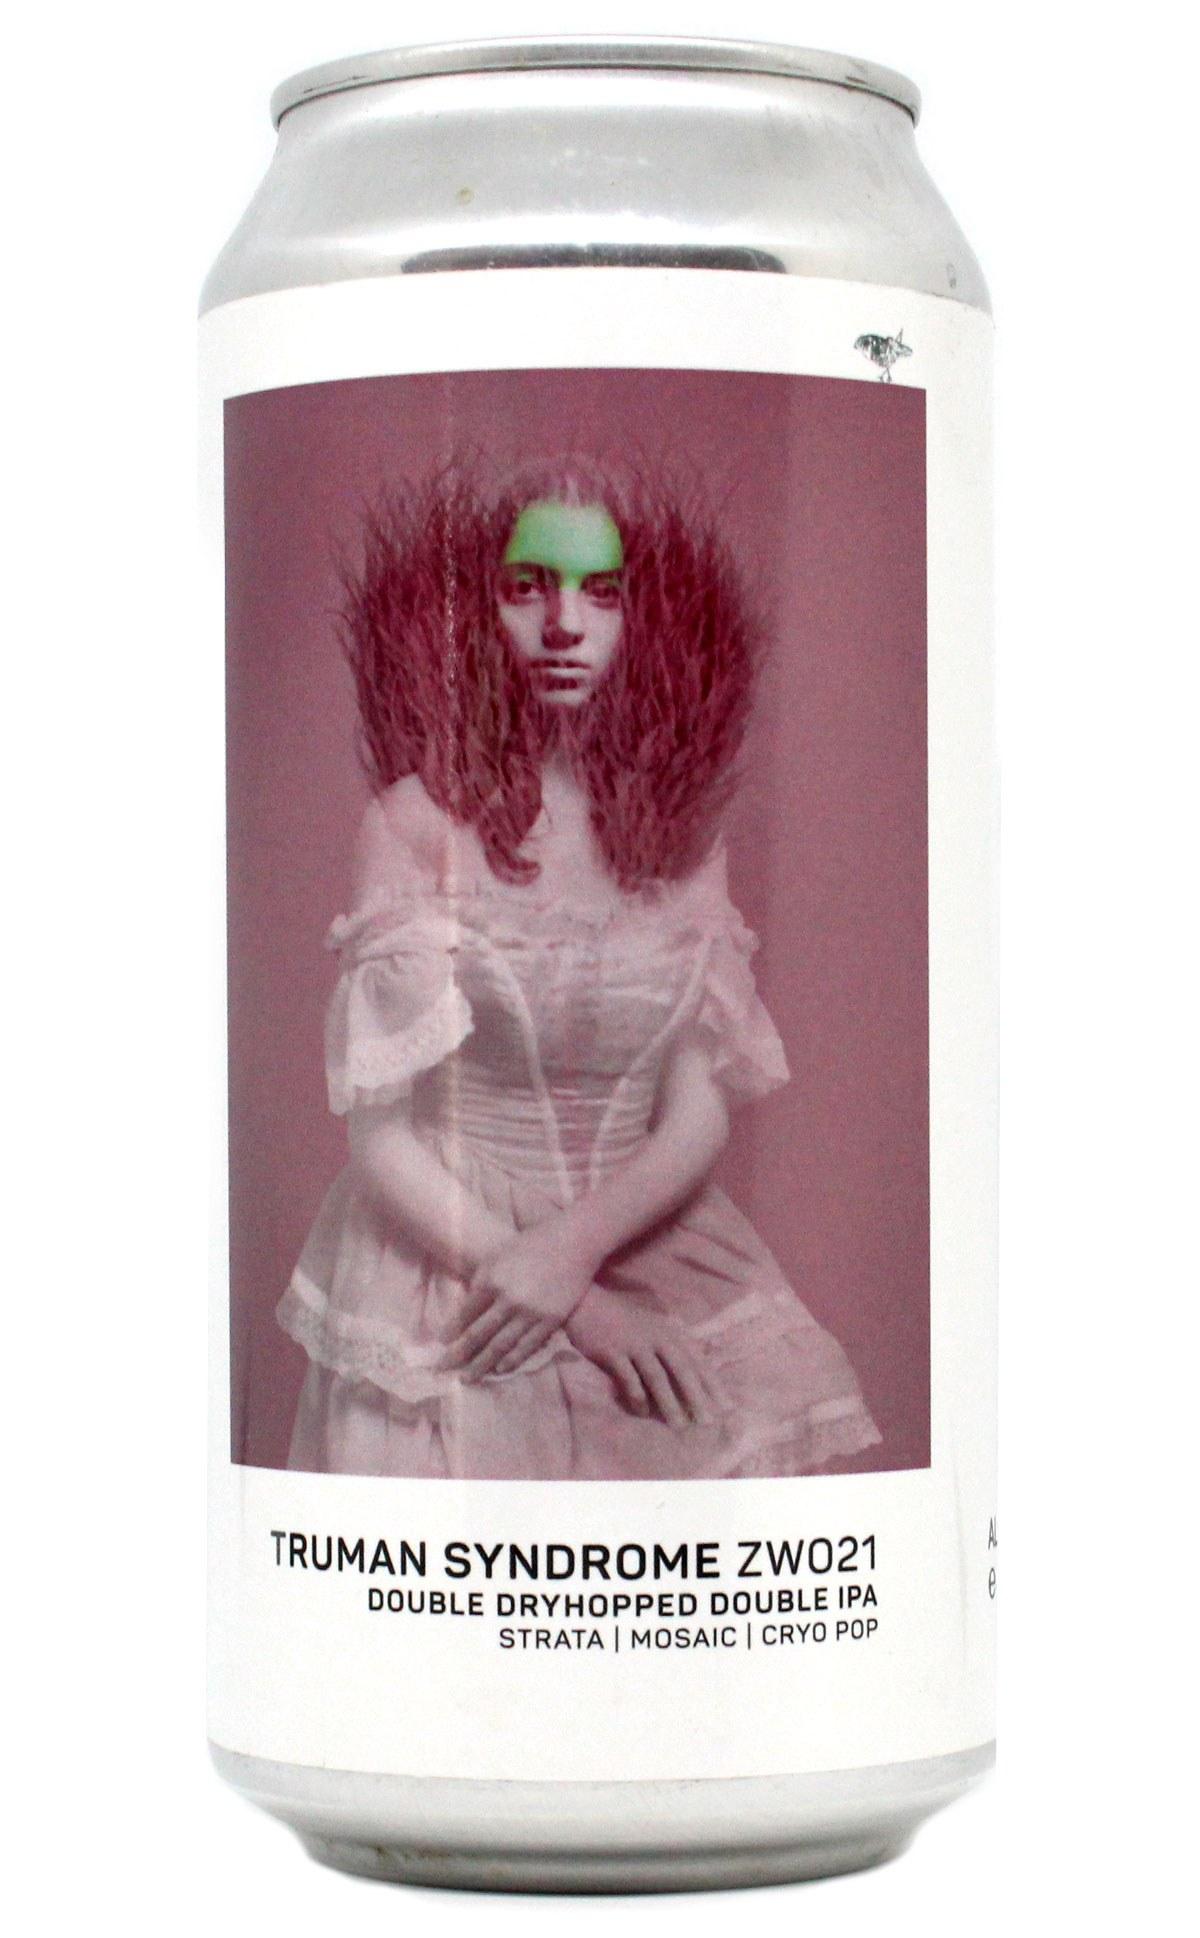 Truman Syndrome ZWO21